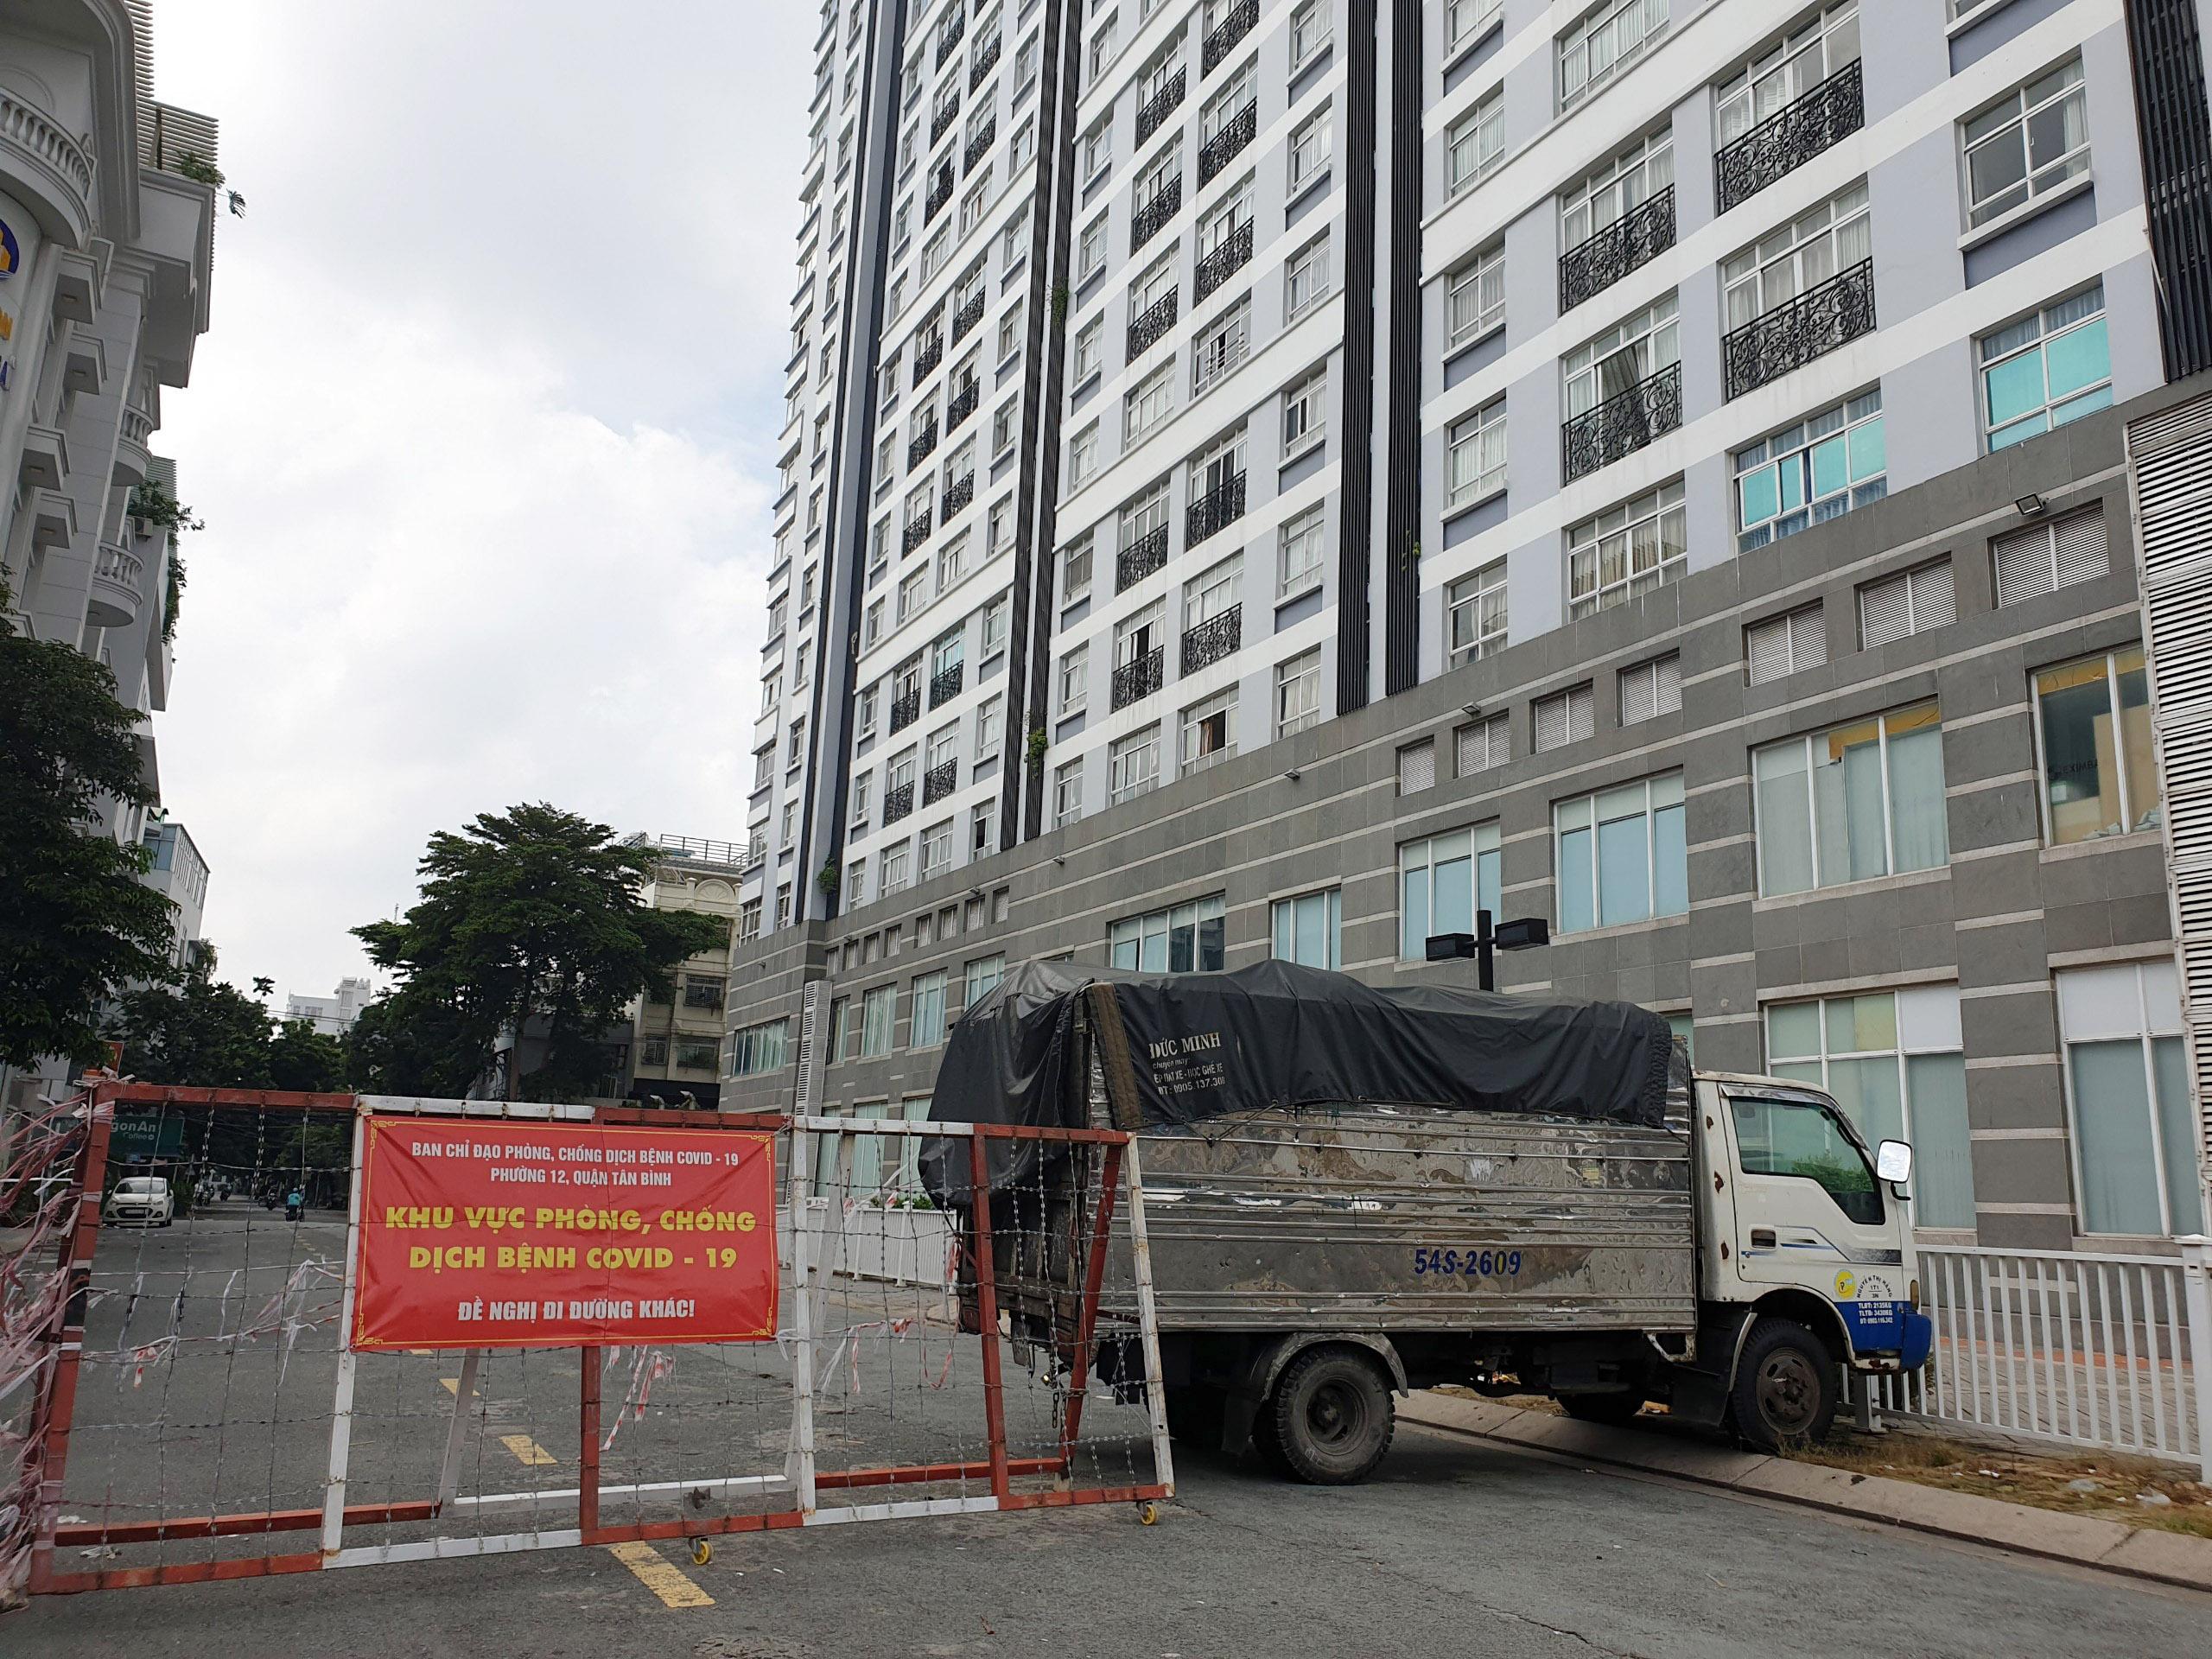 Cận cảnh những hàng rào chắn chống dịch ở TP.HCM sắp được gỡ bỏ - 9